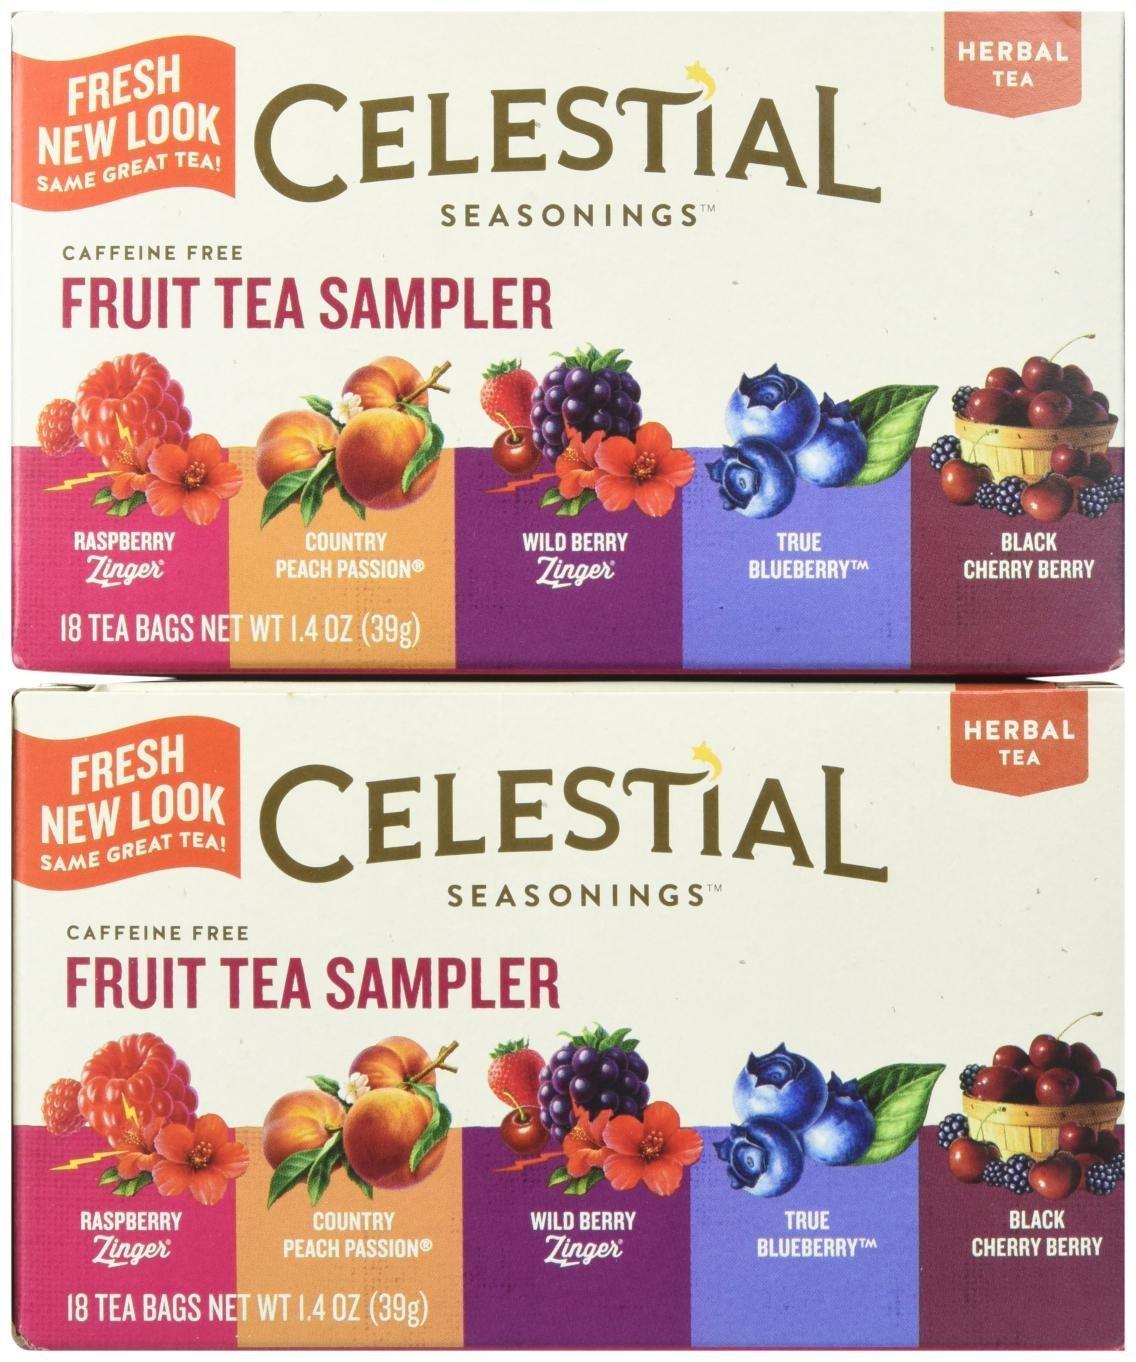 Celestial Seasonings Fruit Tea Sampler Tea Bags, 18 ct, 2 pk